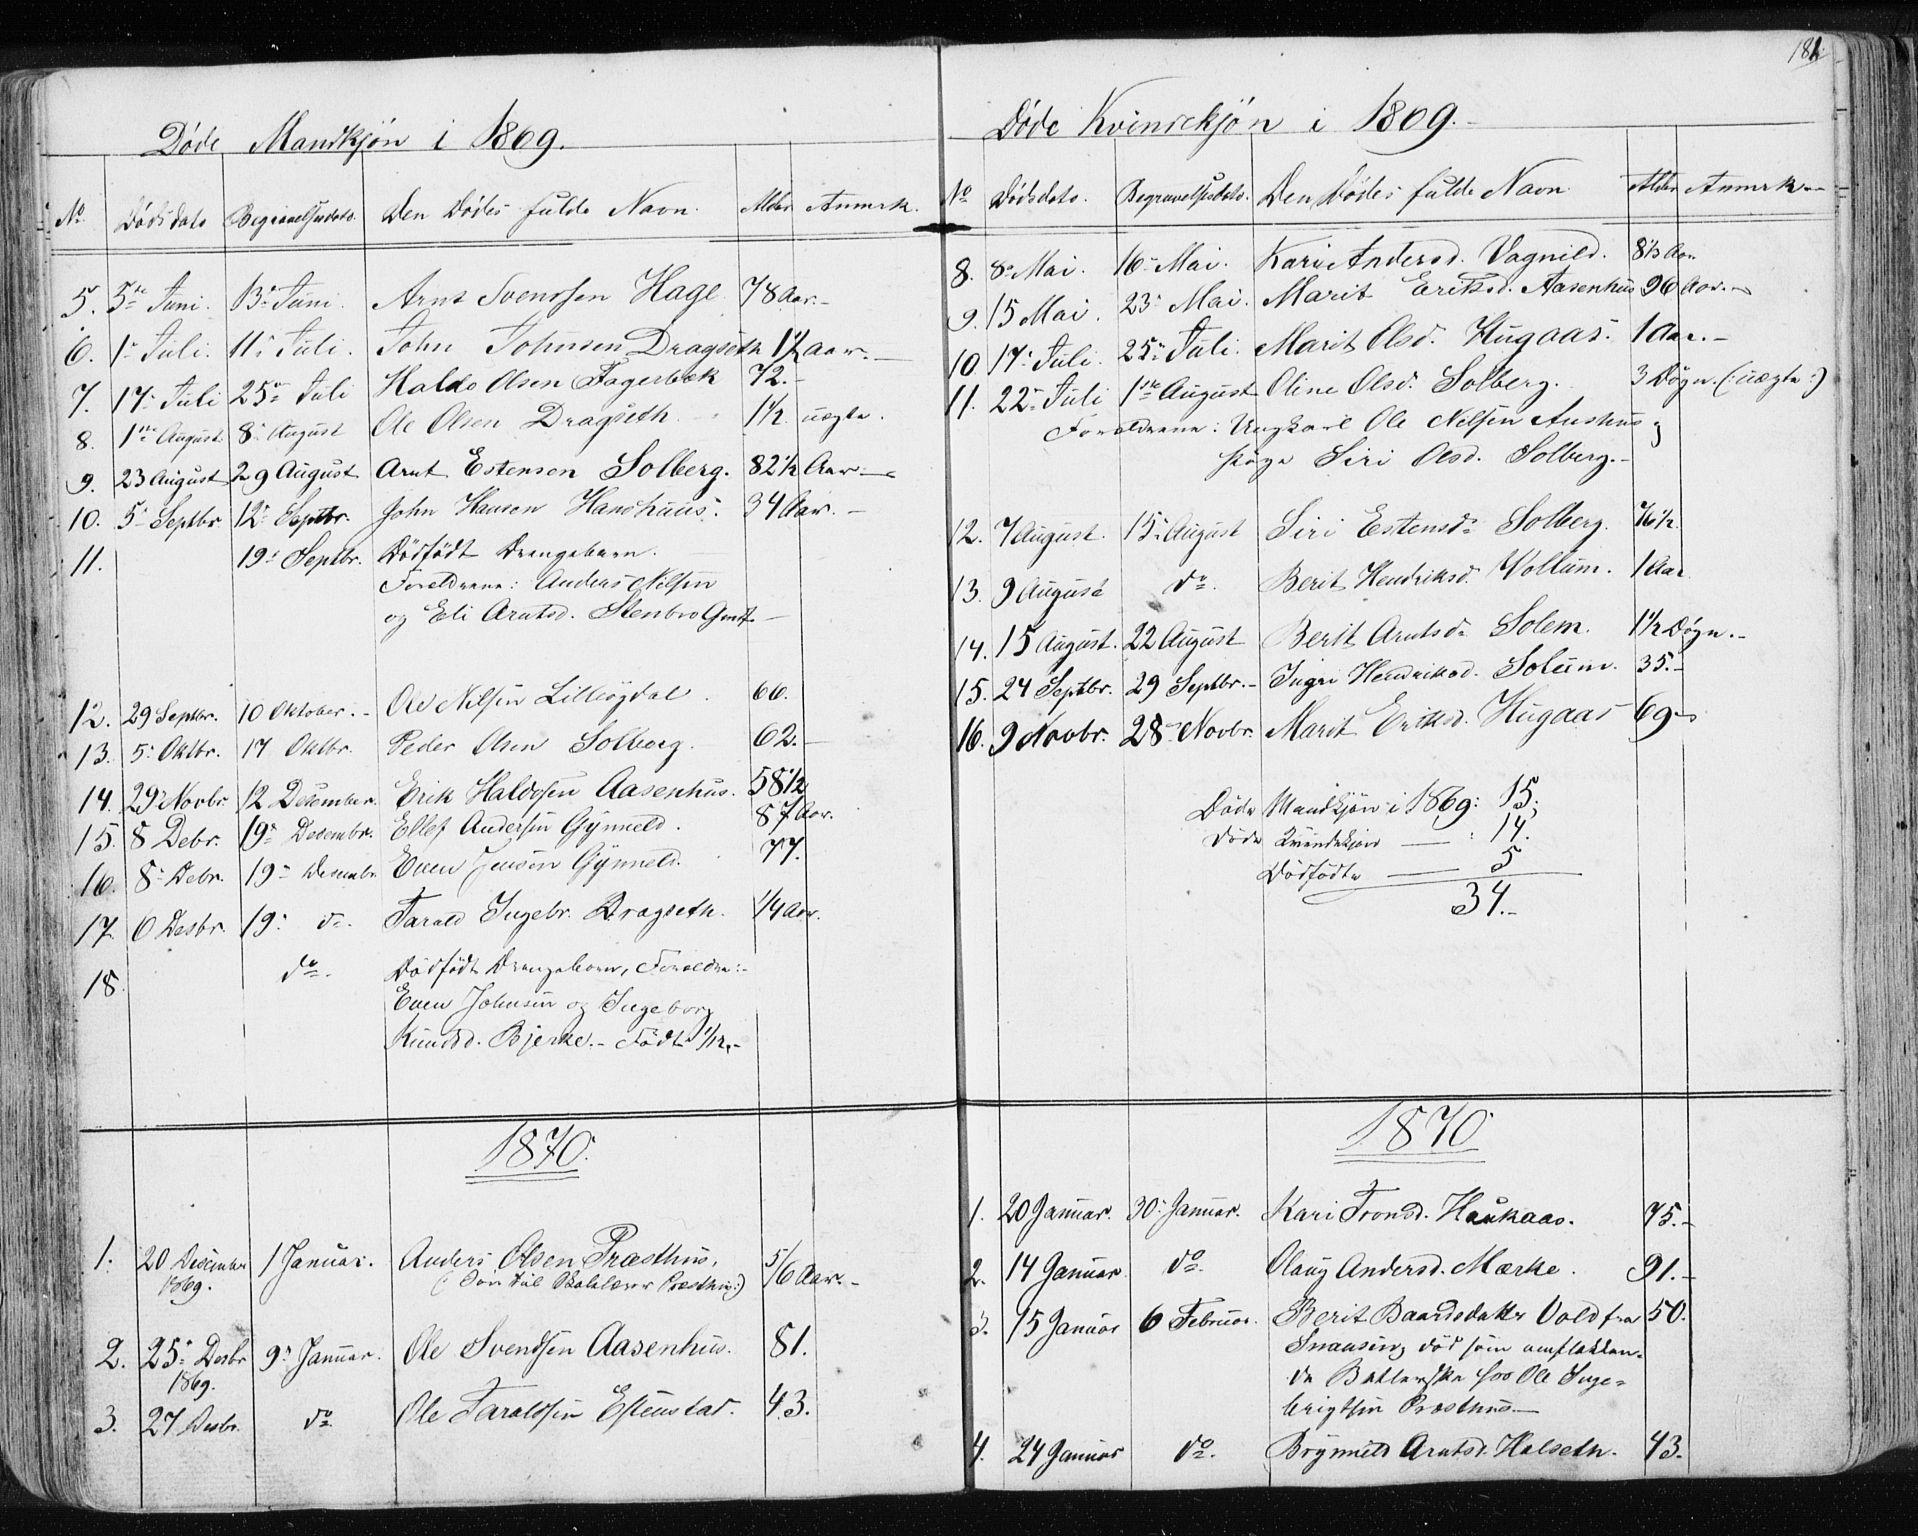 SAT, Ministerialprotokoller, klokkerbøker og fødselsregistre - Sør-Trøndelag, 689/L1043: Klokkerbok nr. 689C02, 1816-1892, s. 181